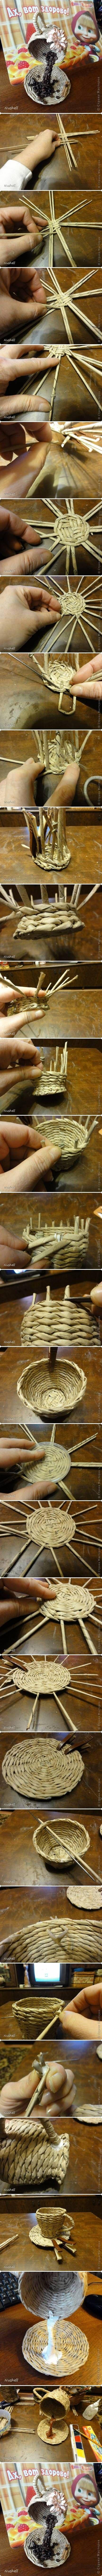 DIY Weave Tea Cup DIY Weave Tea Cup